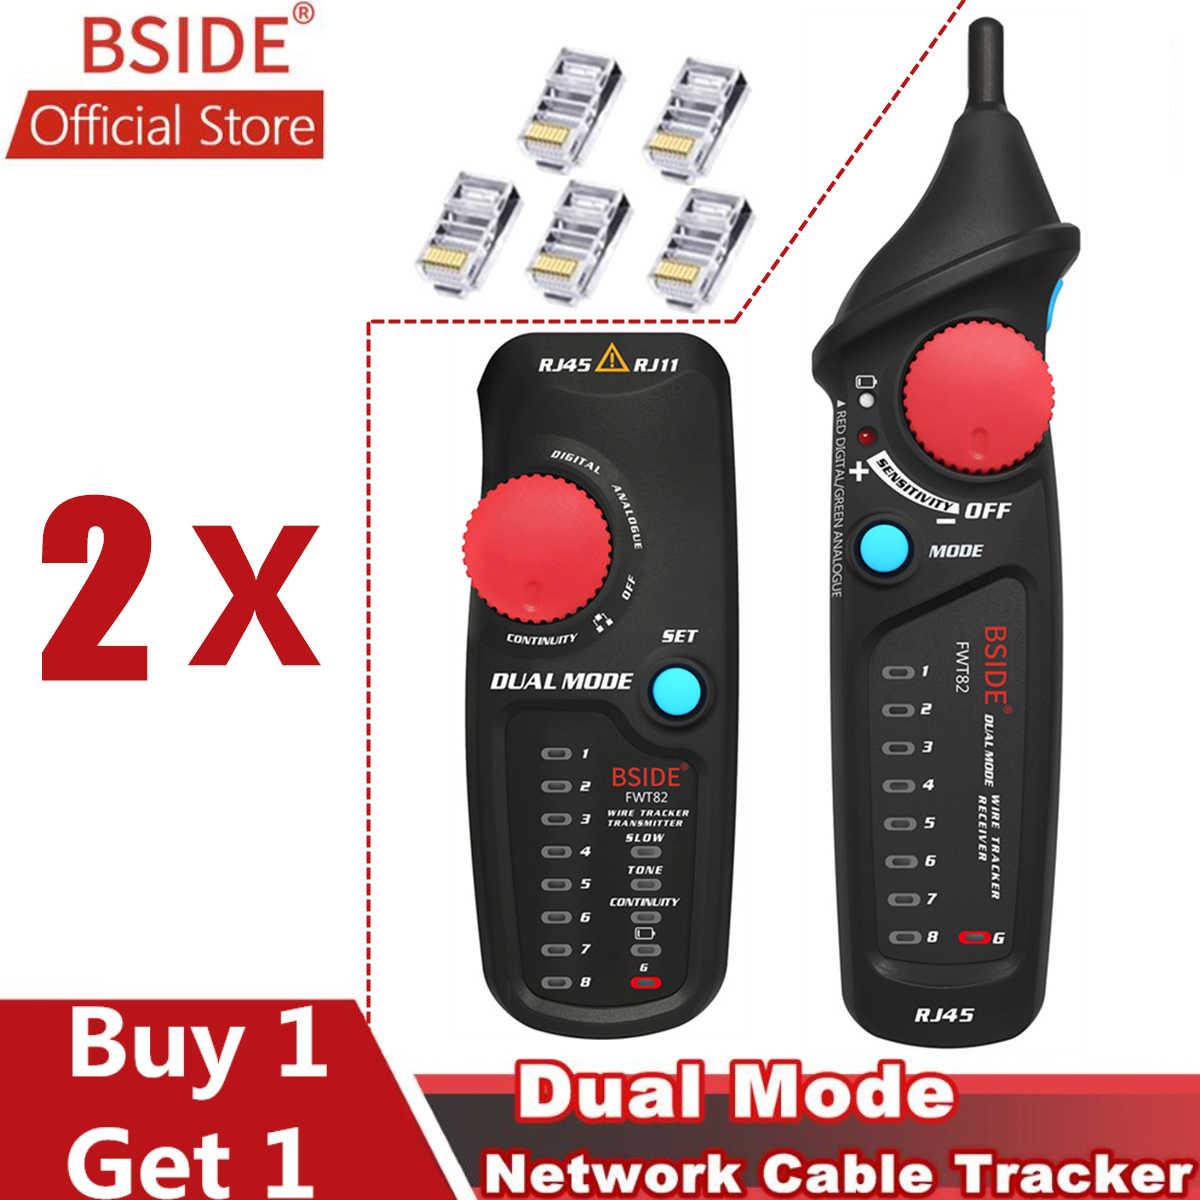 BSIDE FWT82 כפולה מצב כבל רשת Tracker חוט Tracker RJ45 RJ11 חוט טונר Ethernet LAN Tracer מנתח גלאי קו Finder